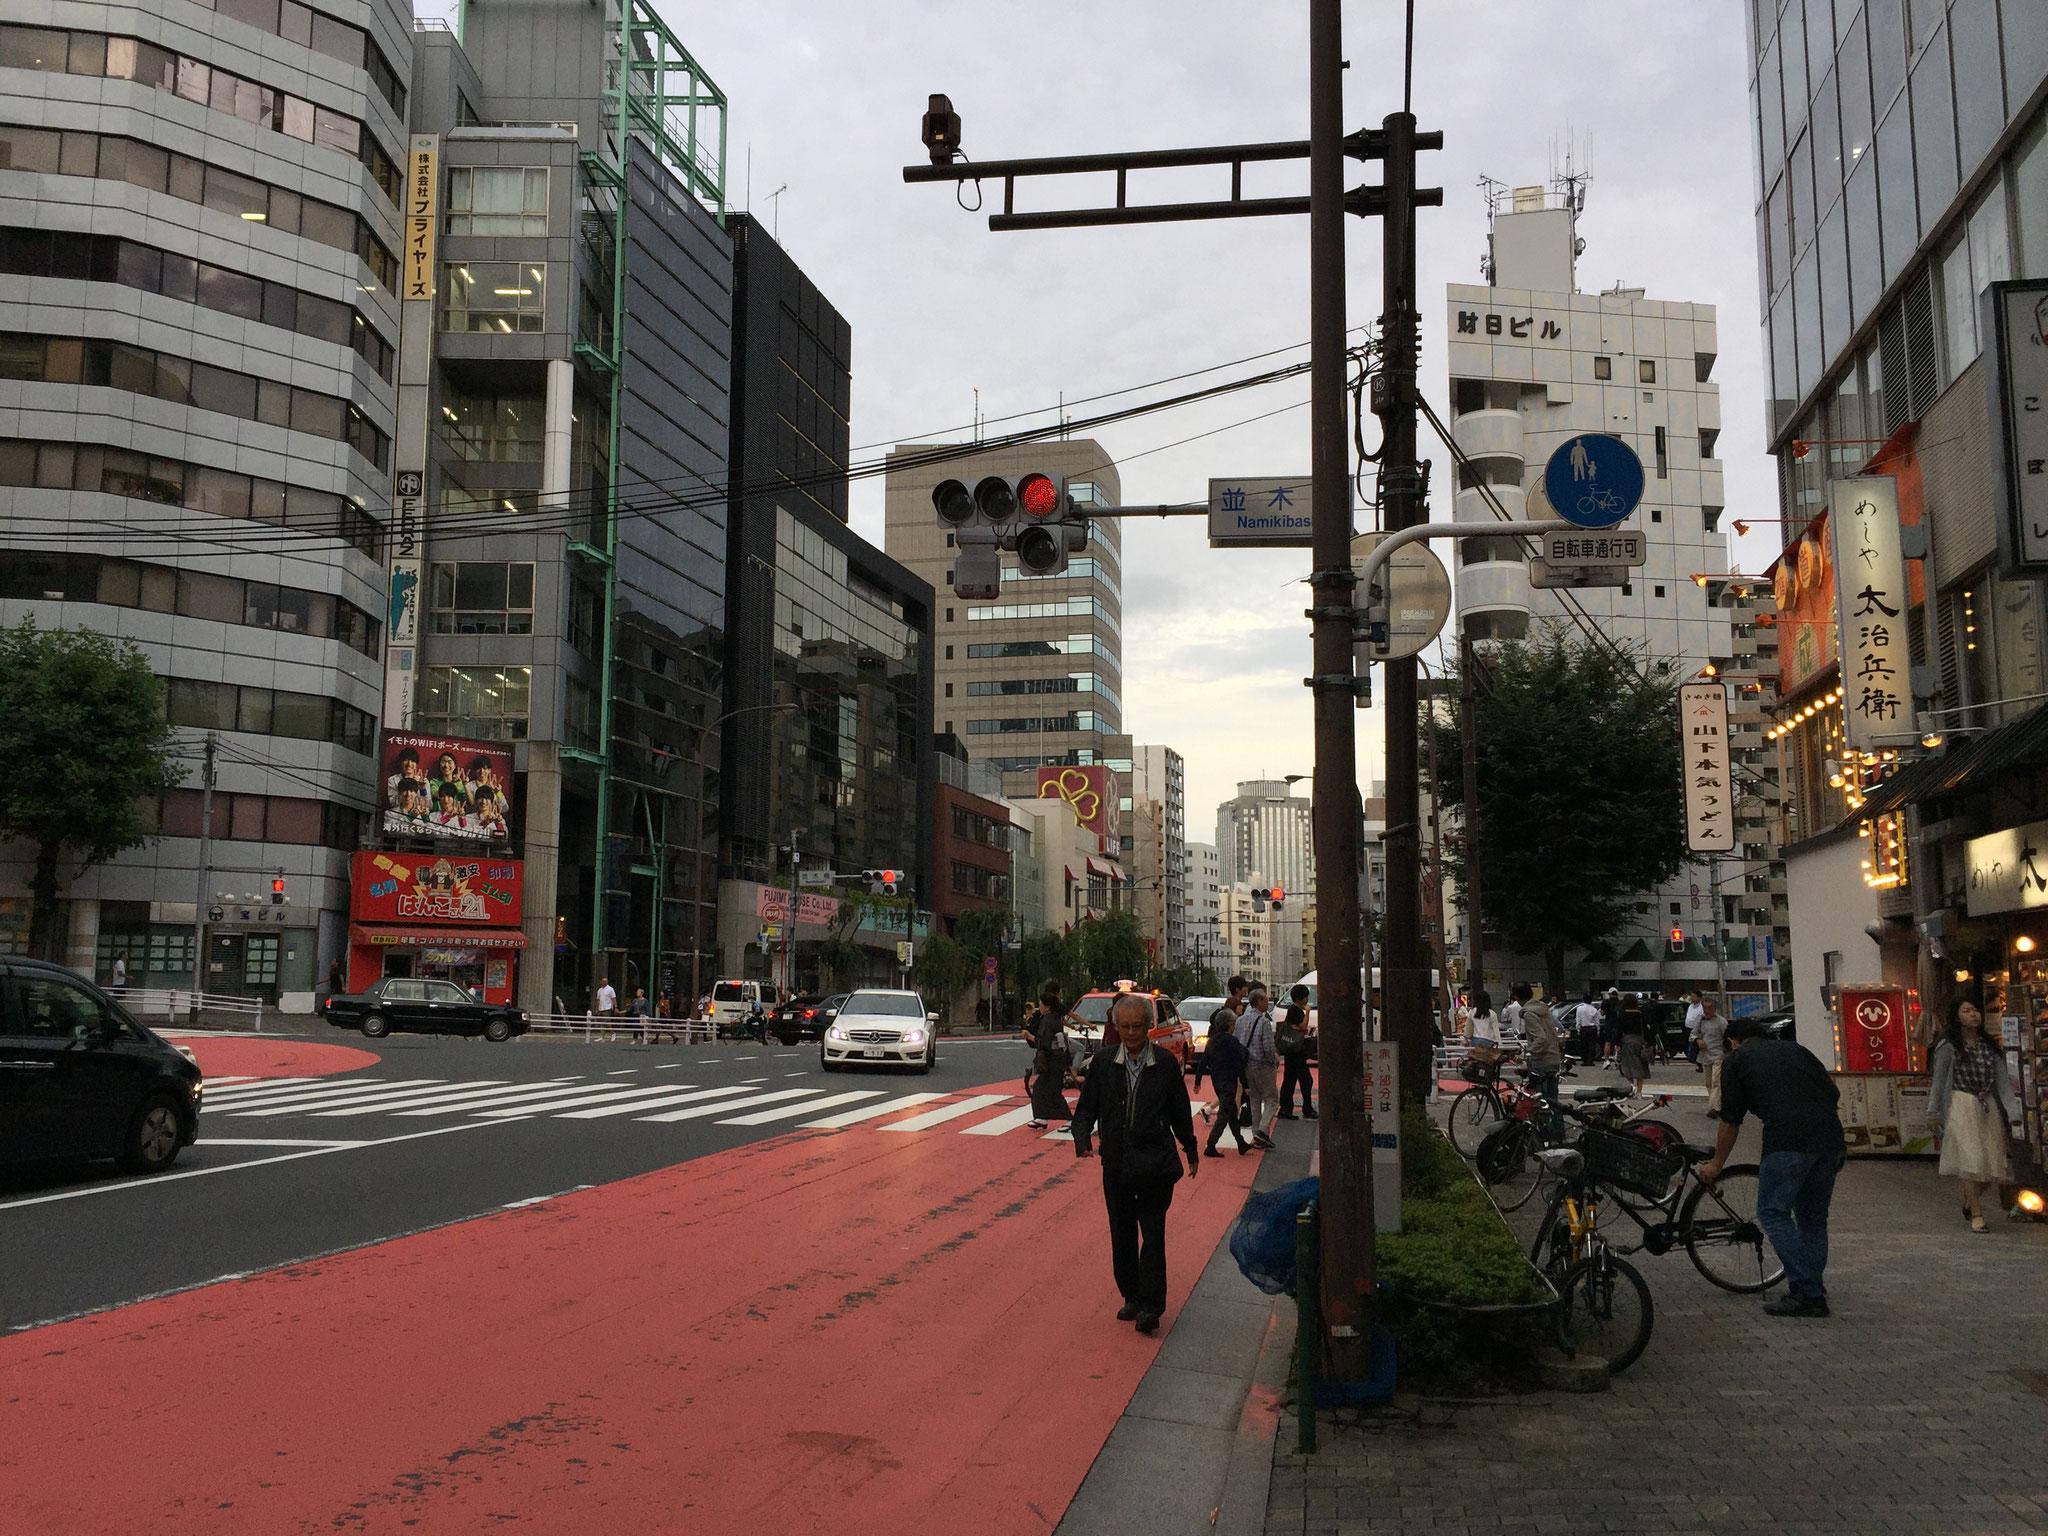 すぐに『並木橋』交差点と、その先左手にスーパーライフが見えてきます